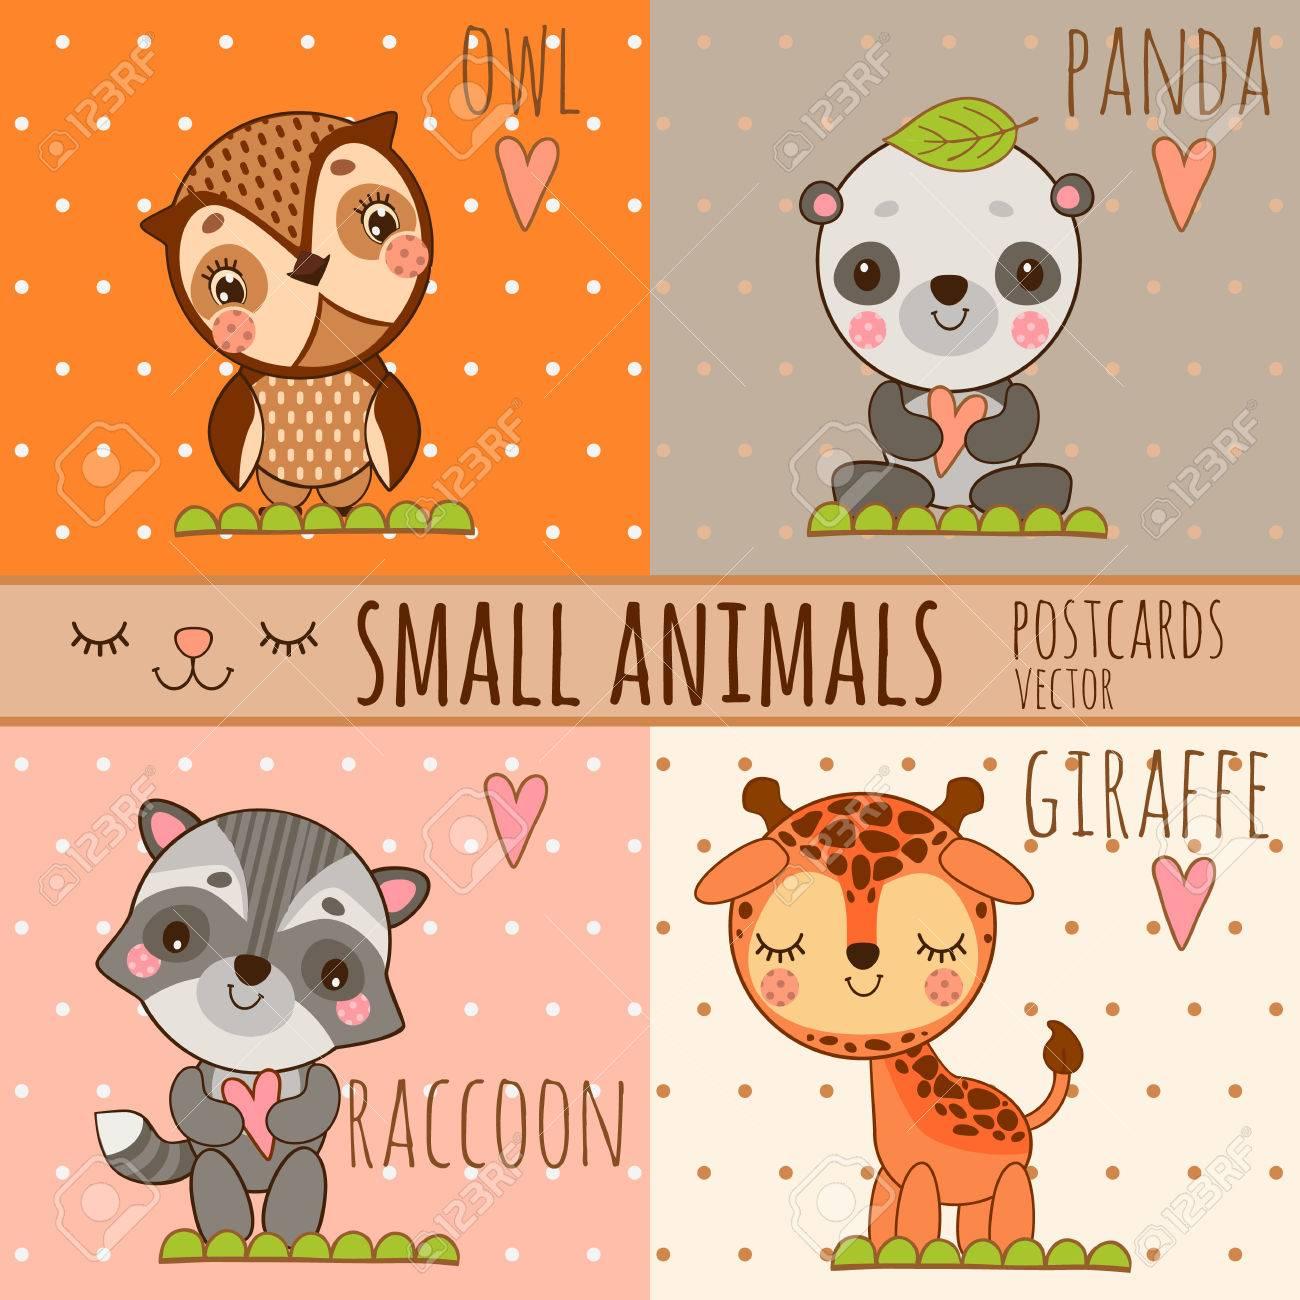 Vier Einfache Nette Bilder Von Tieren Eule Panda Giraffe